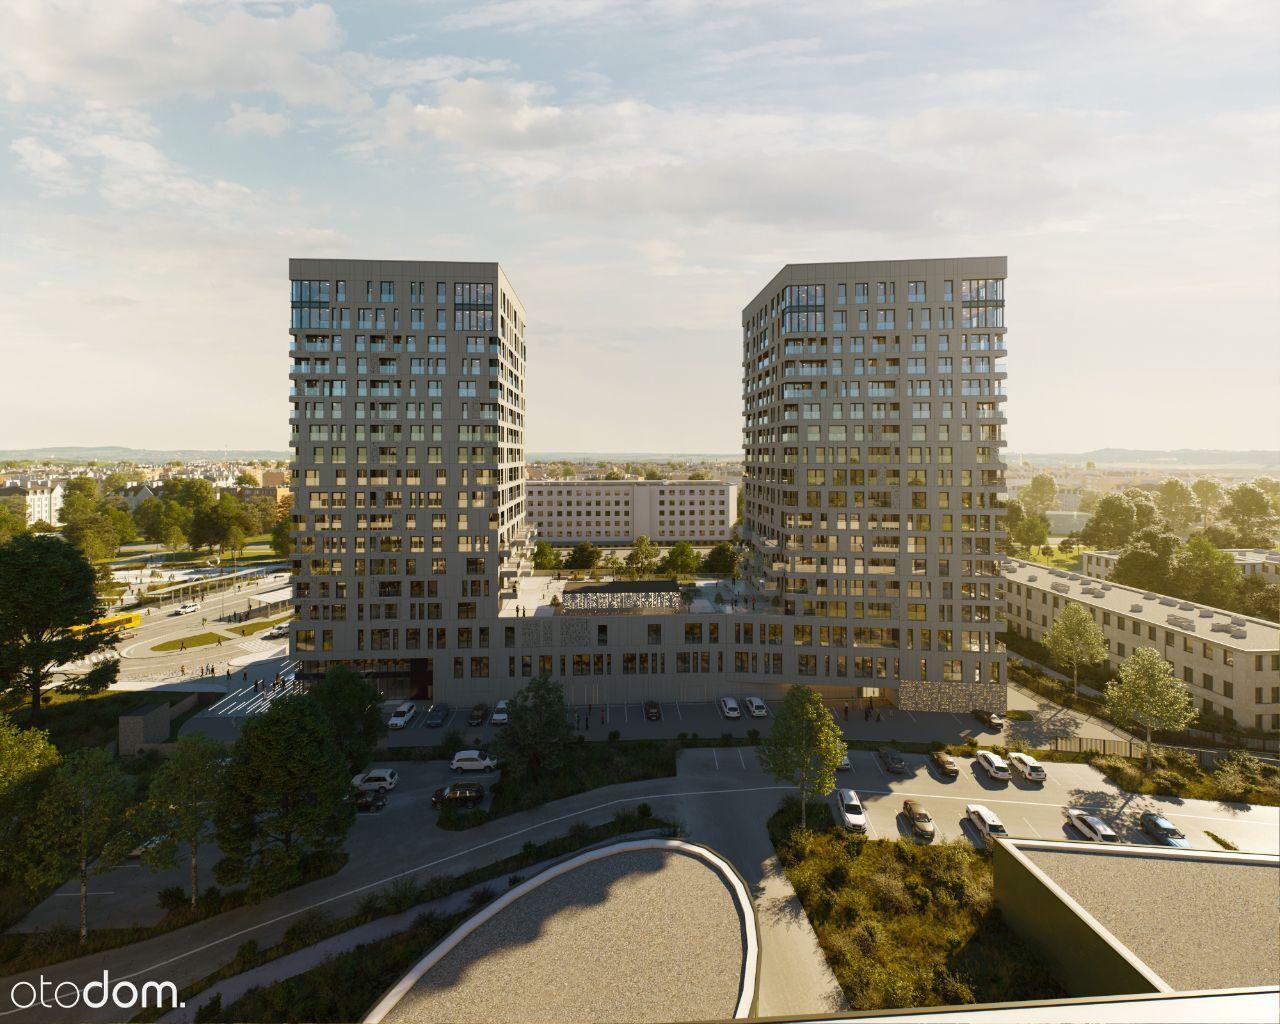 Nowy Lokal Usługowy Sokolska 30 Towers P02/GR01